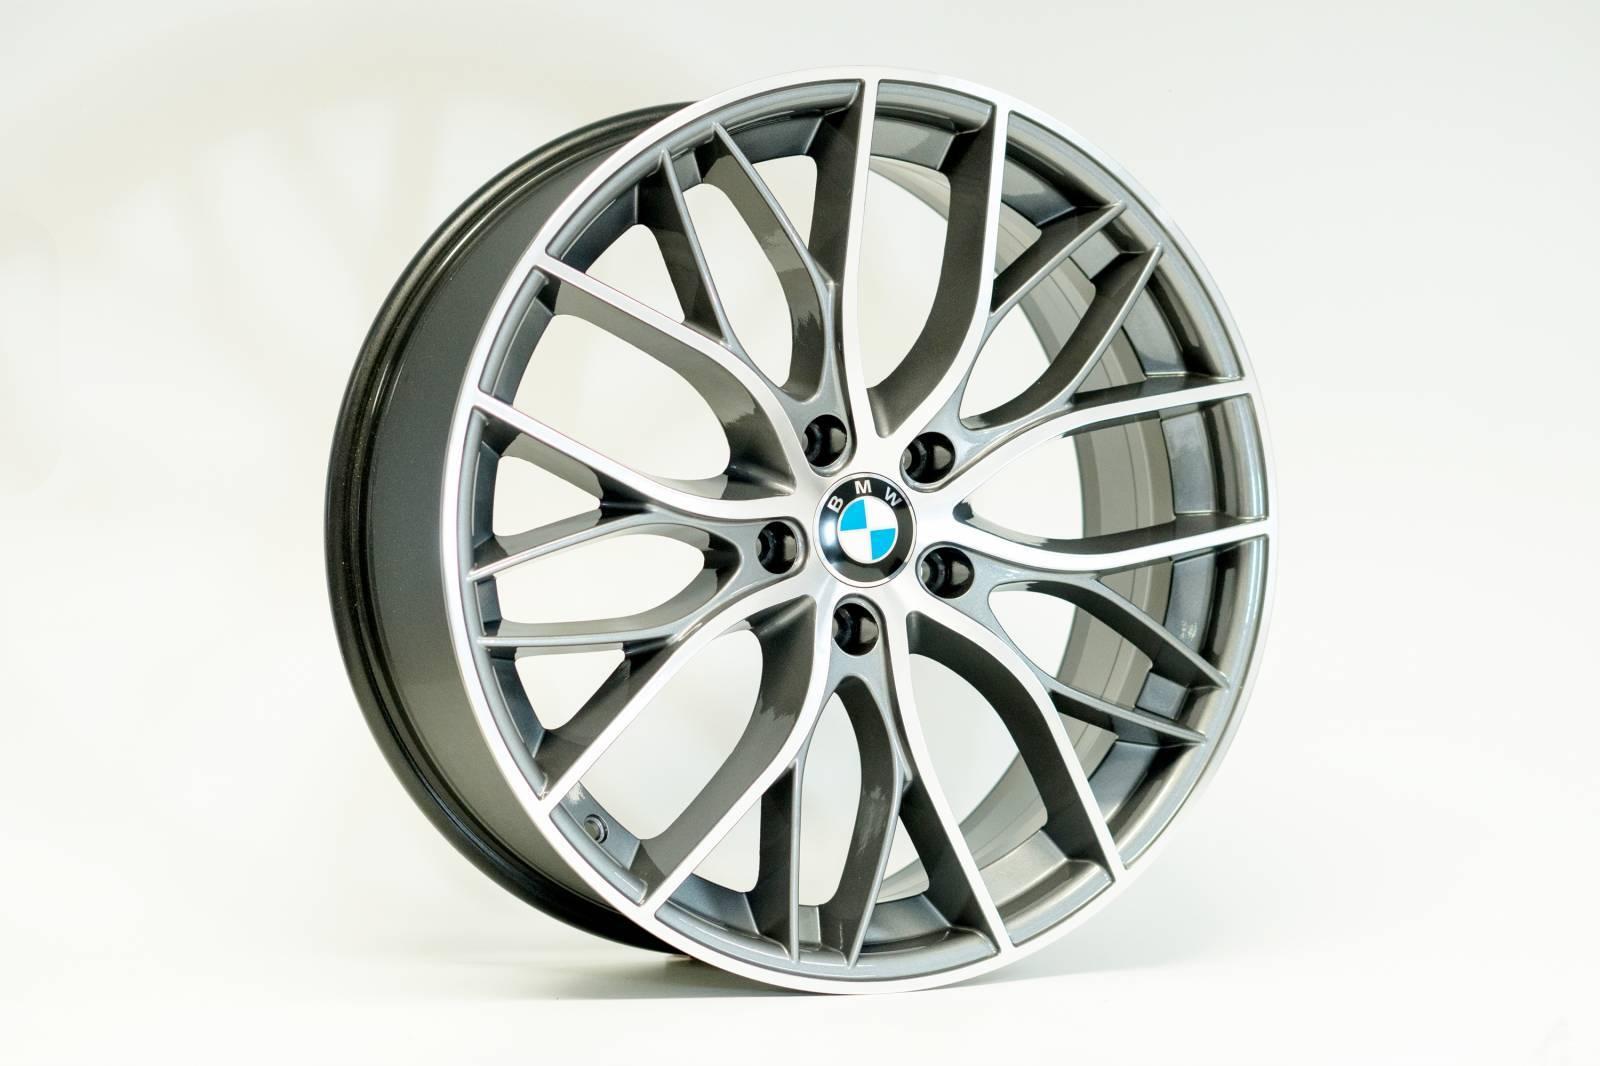 Jogo de 04 Rodas BMW Biturbo KR R54 aro 17 5x120  GD